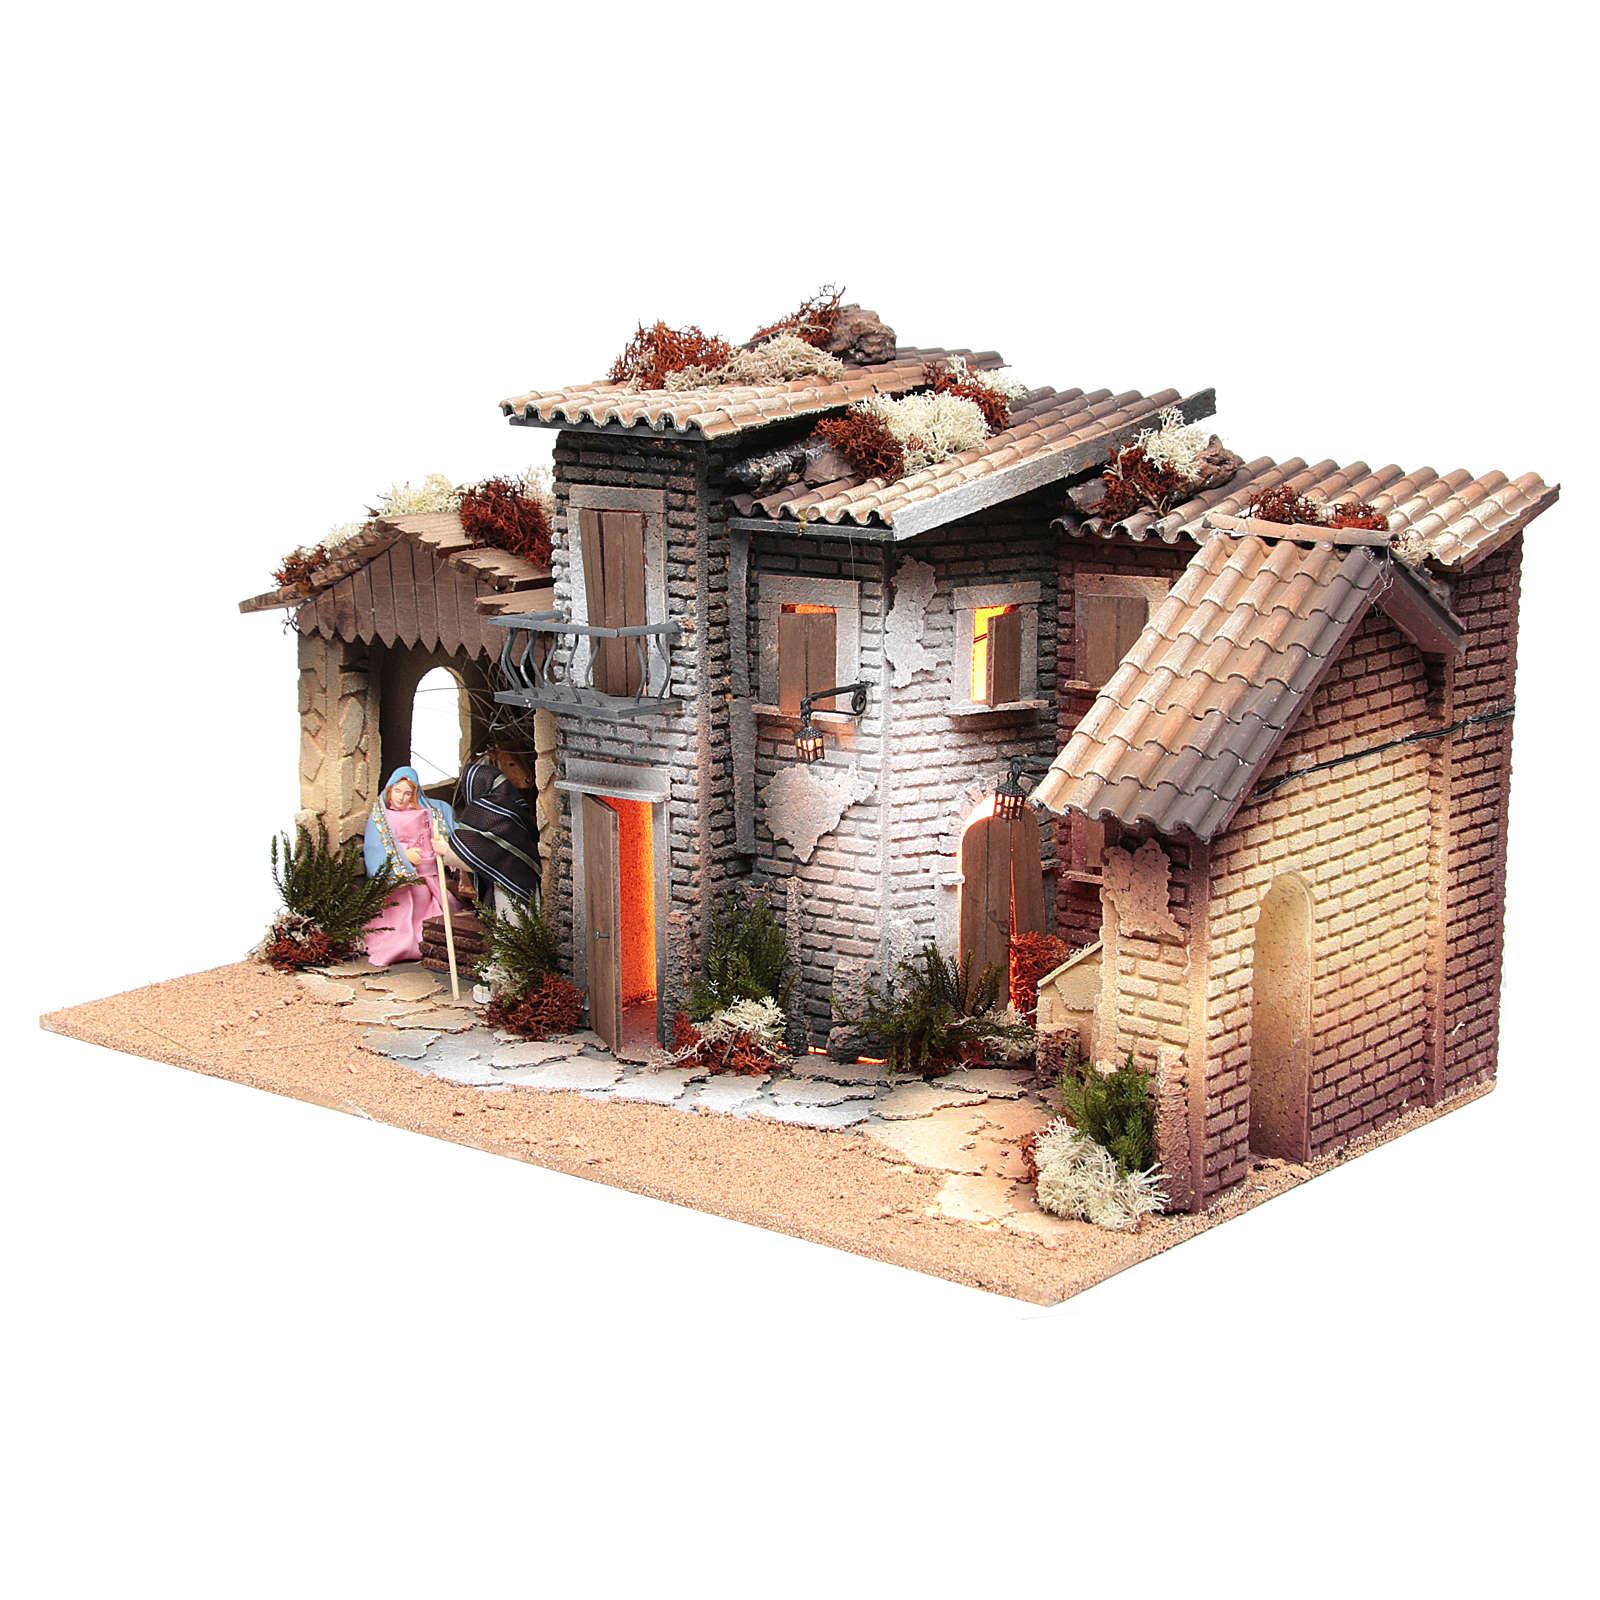 Borgo presepe con natività 12 cm movimento 28x60x35 cm 3